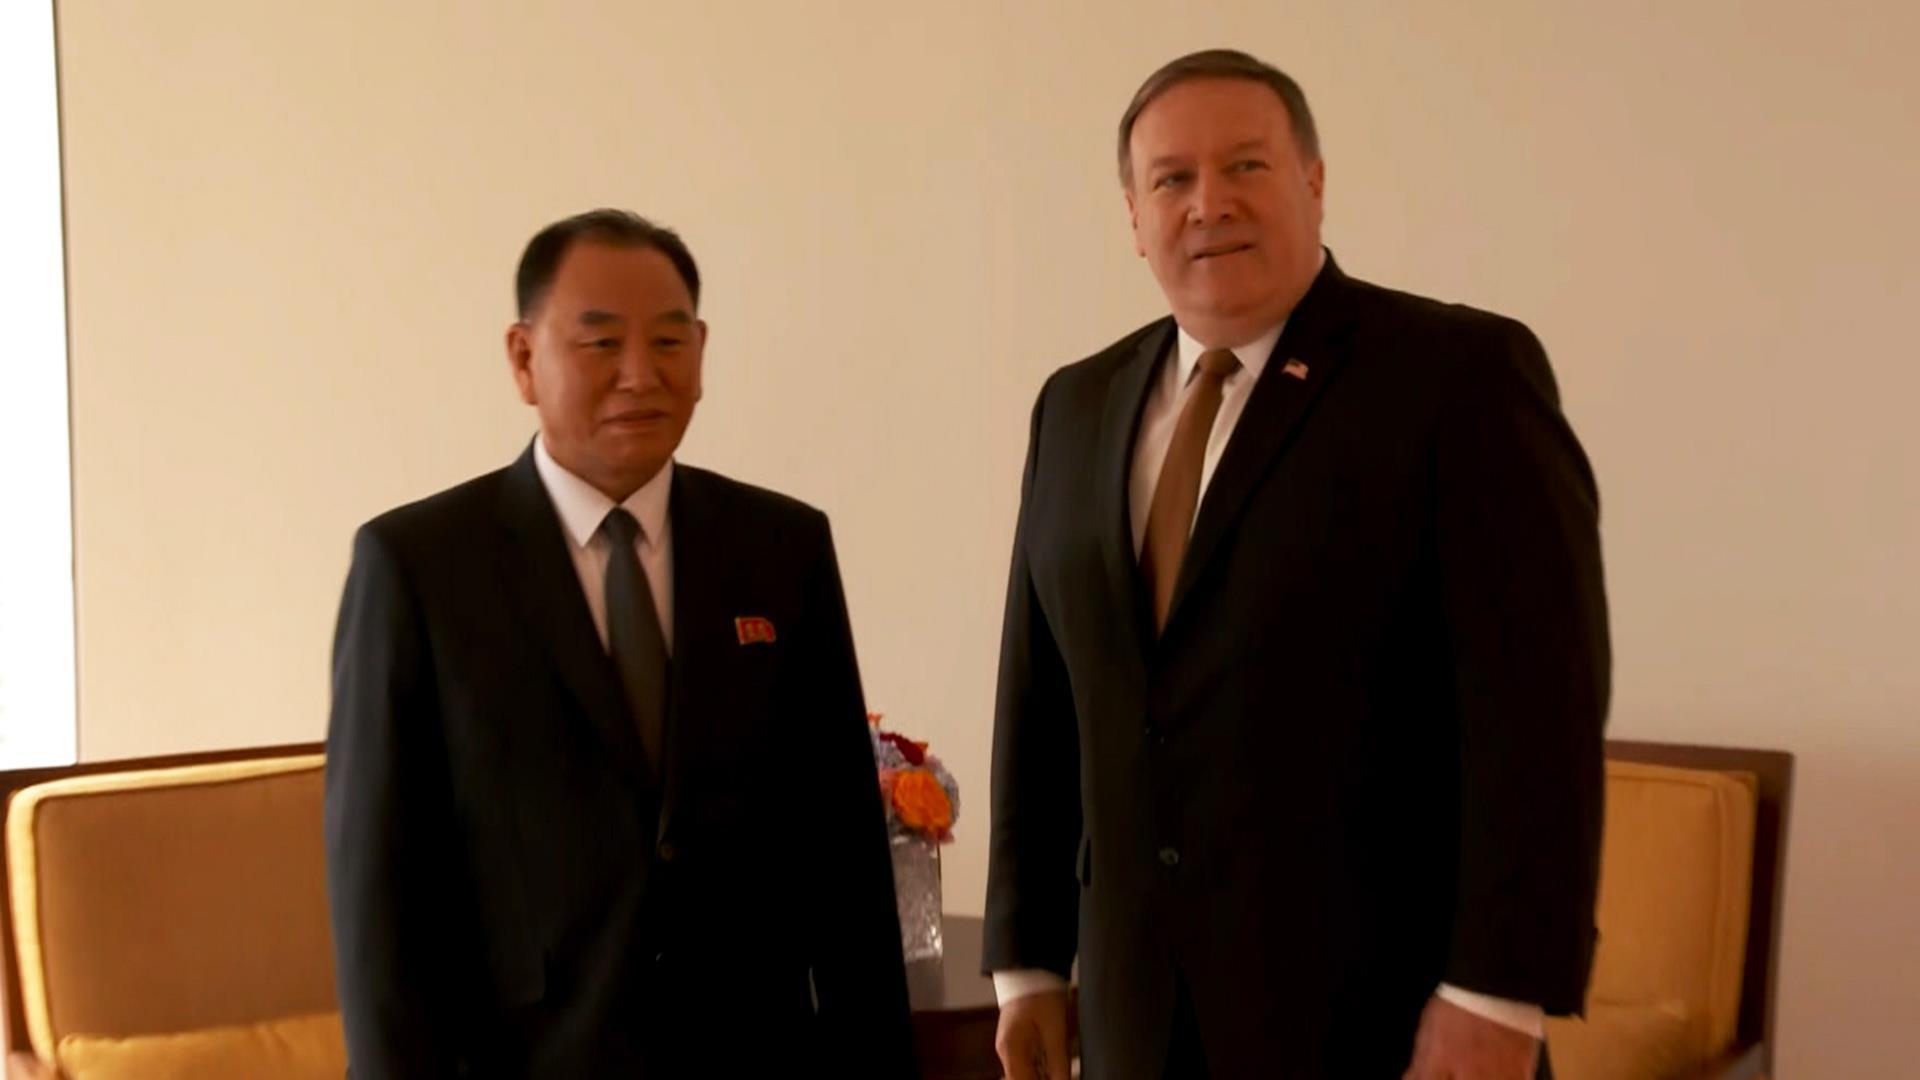 High-level talks between U.S., N. Korea are postponed at last minute